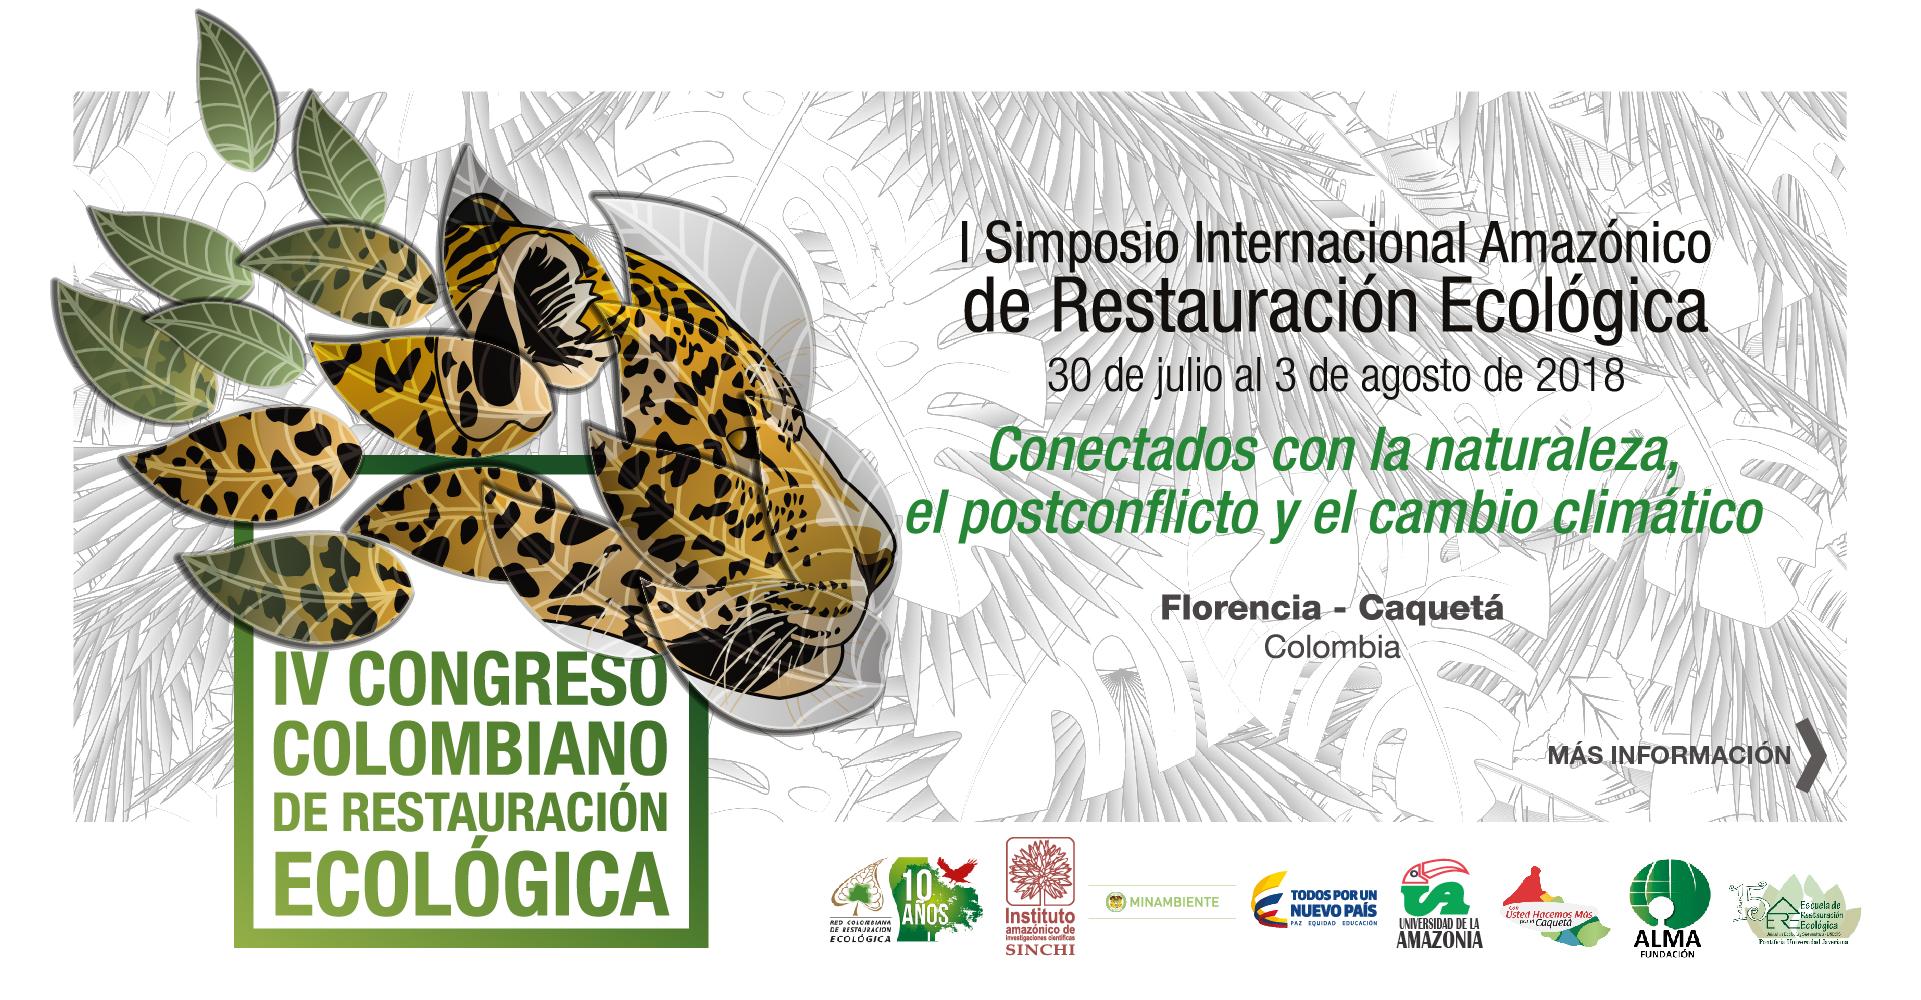 IV Congreso Colombiano de Restauración Ecológica / I Simposio Internacional Amazónico de Restauración Ecológica